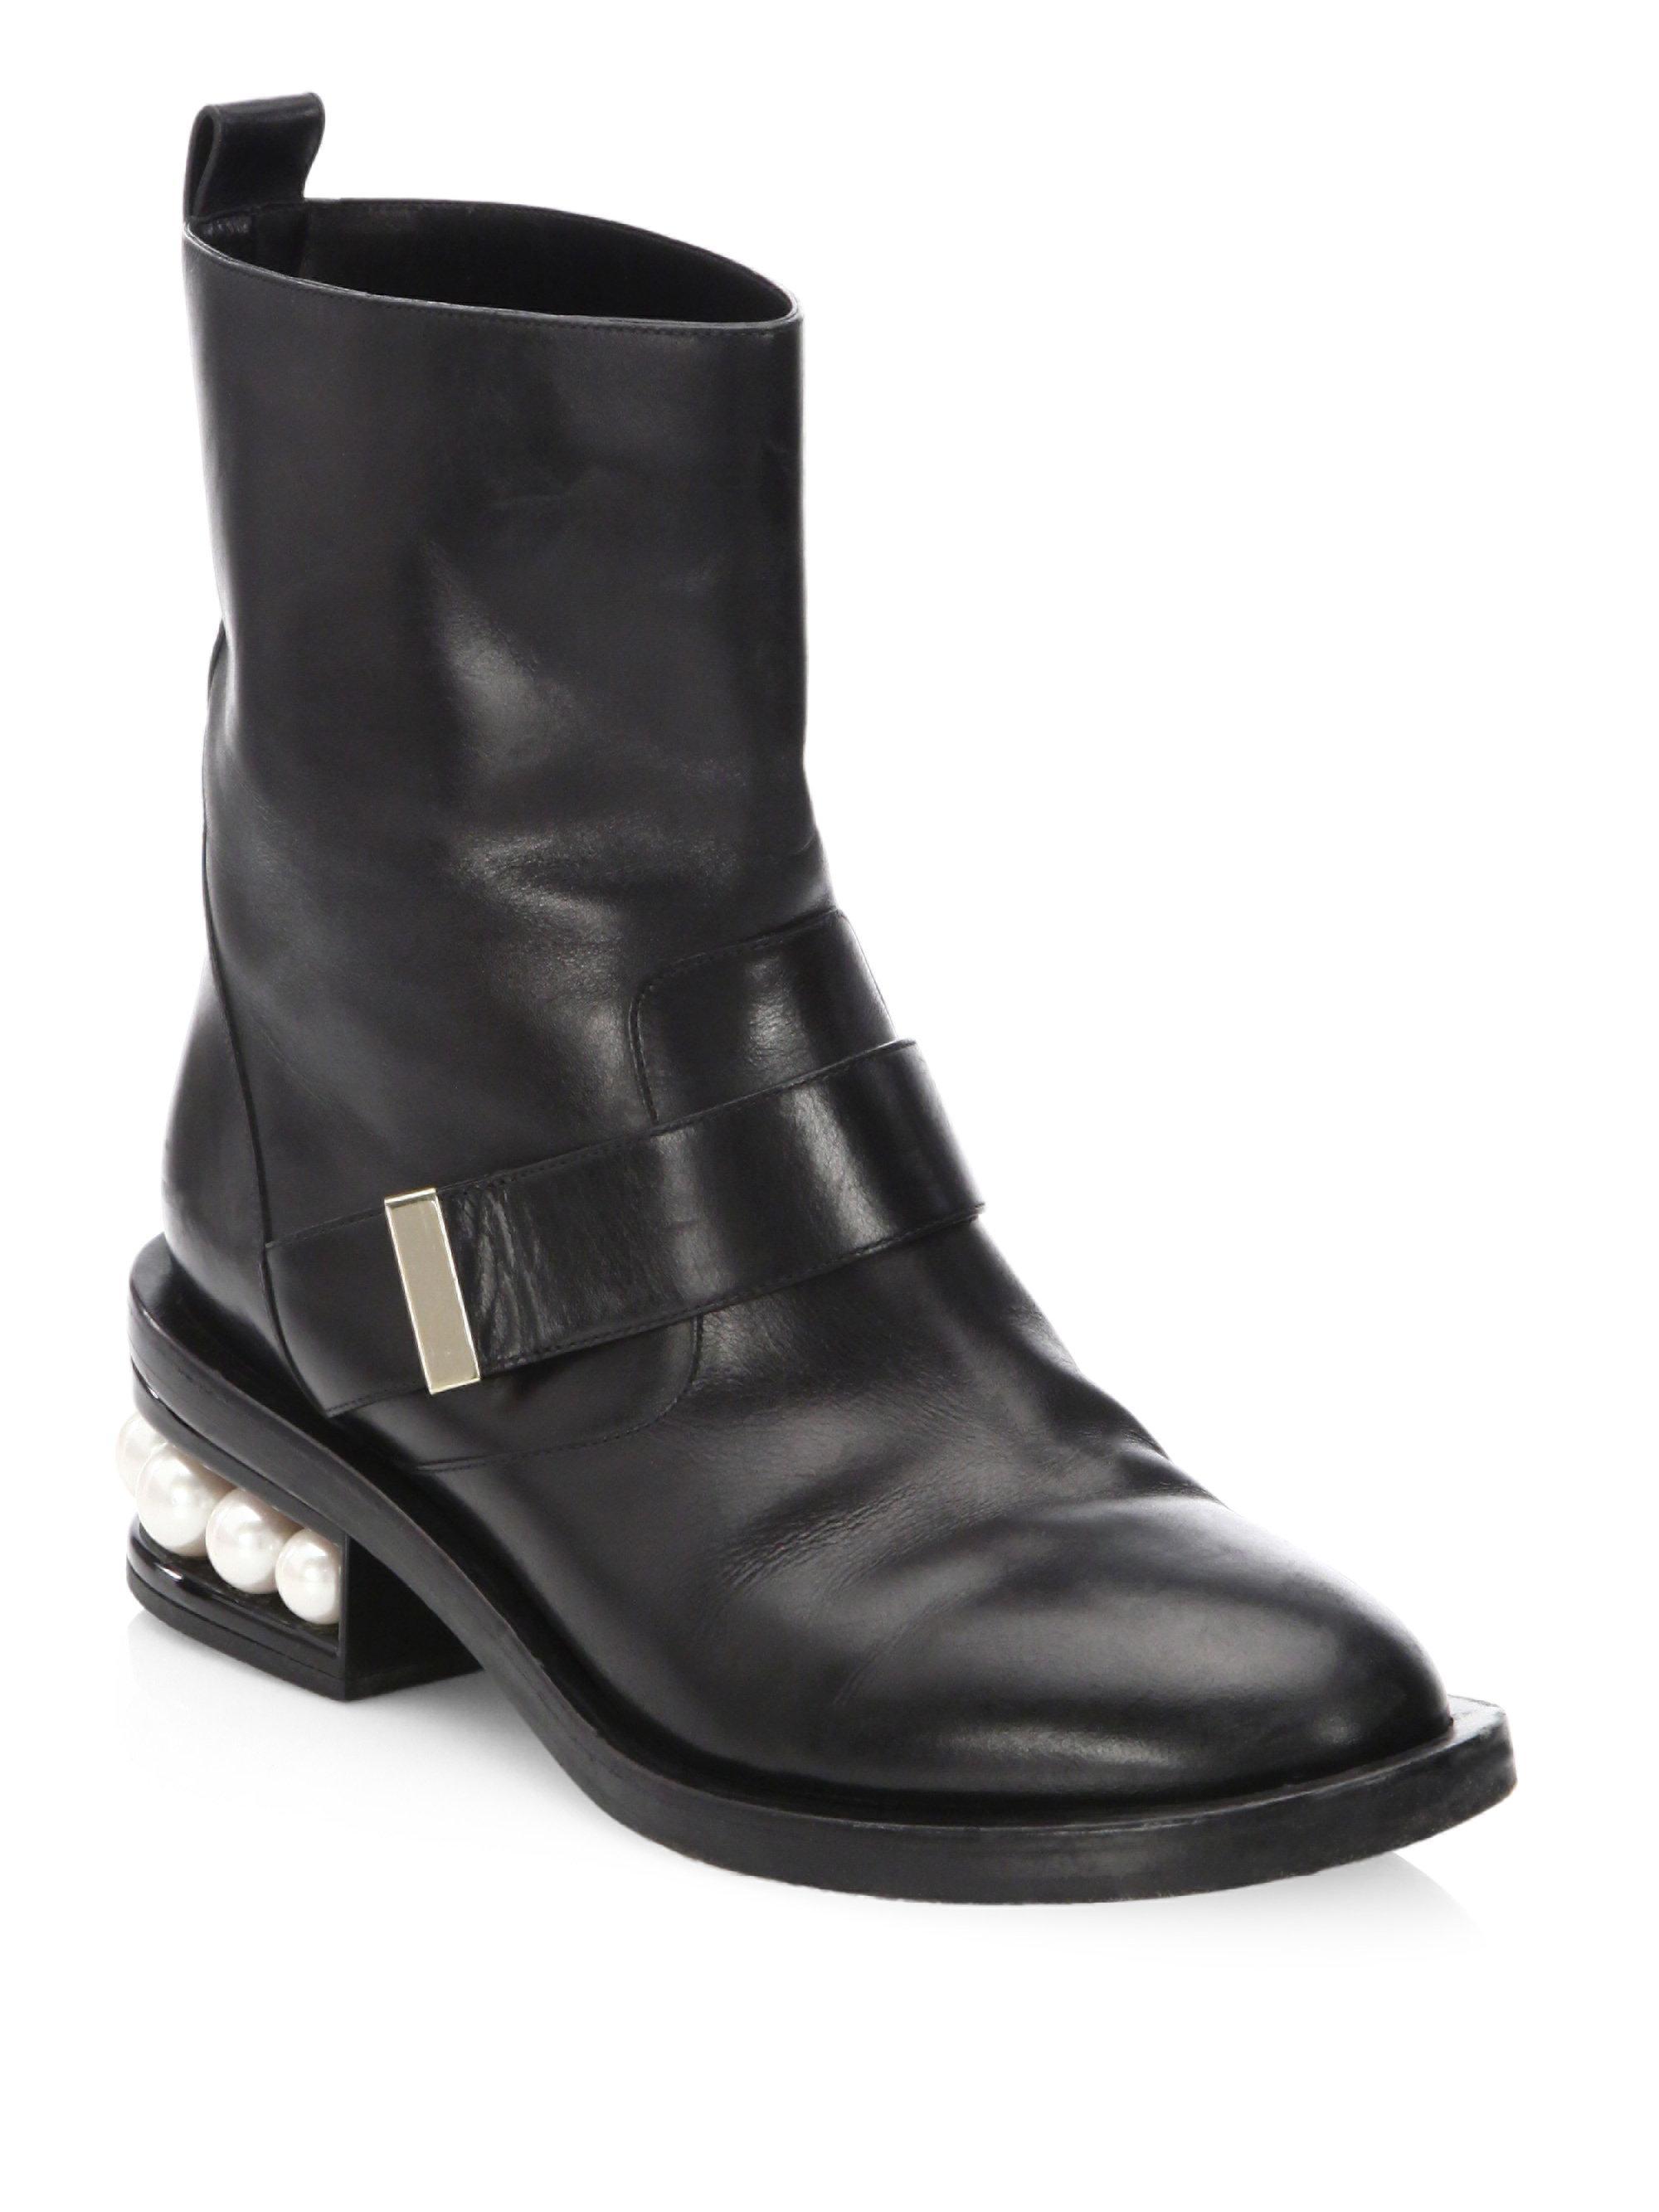 52615812ec67 Nicholas Kirkwood Casati Pearl Leather Biker Boots in Black - Lyst